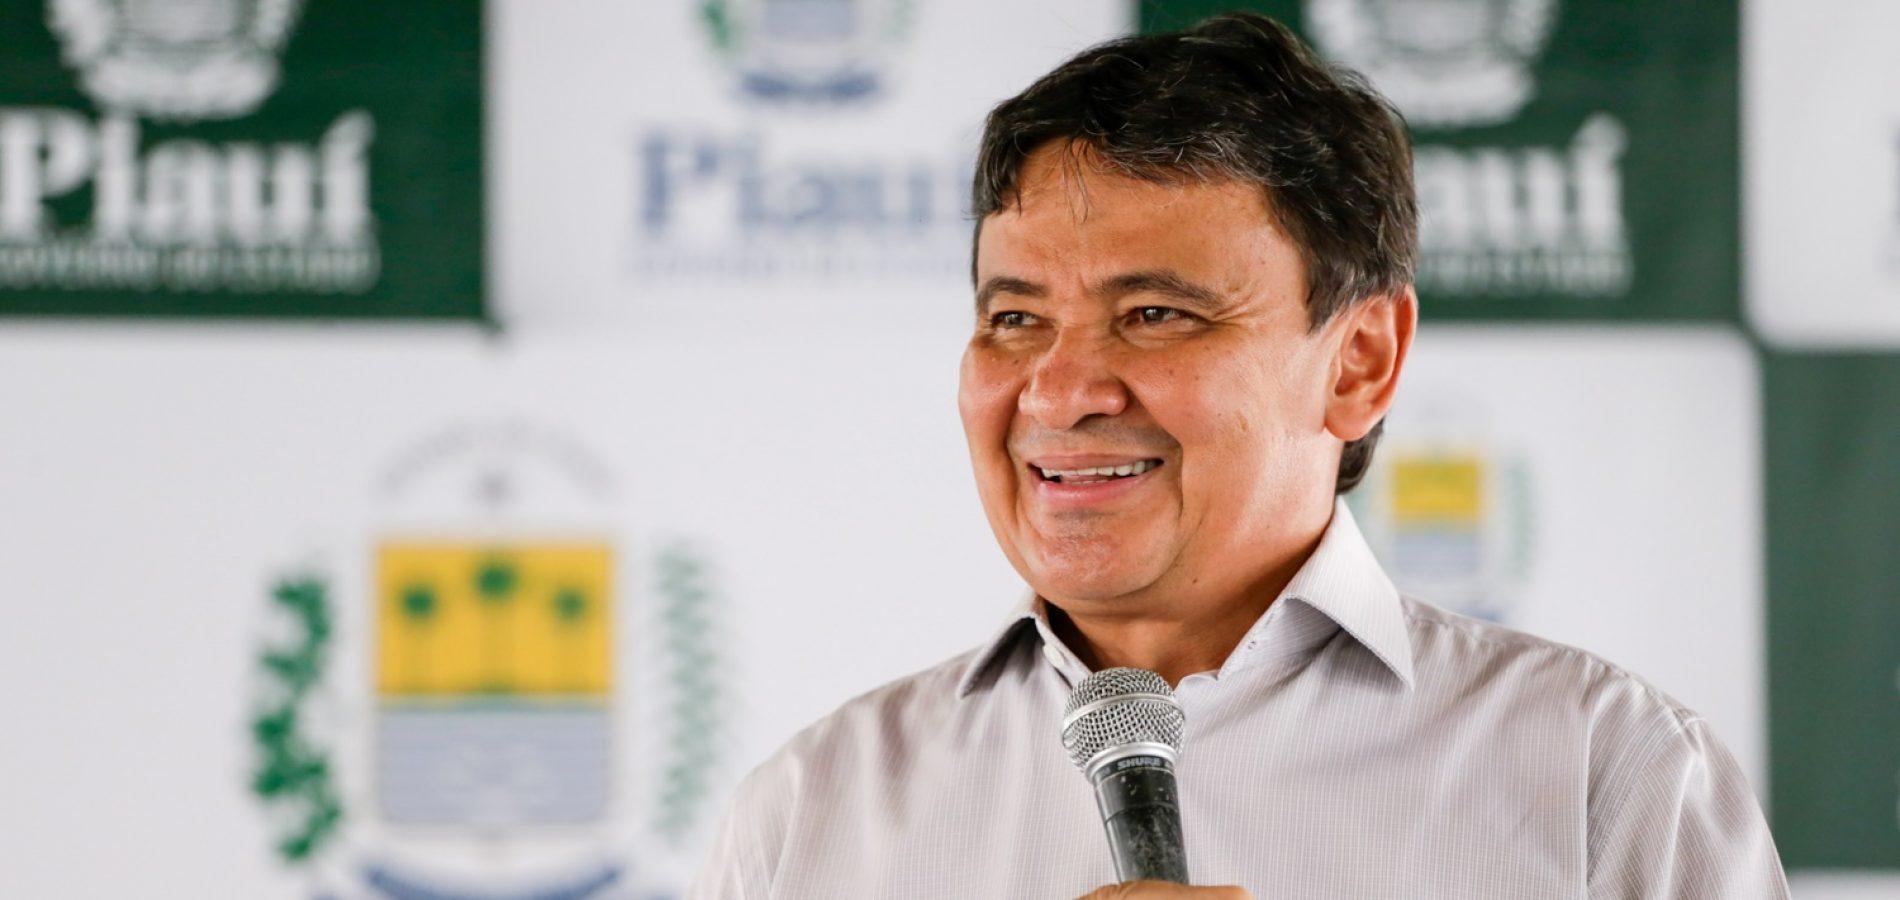 Governador discute formação do novo governo com MDB, Progressistas e PT